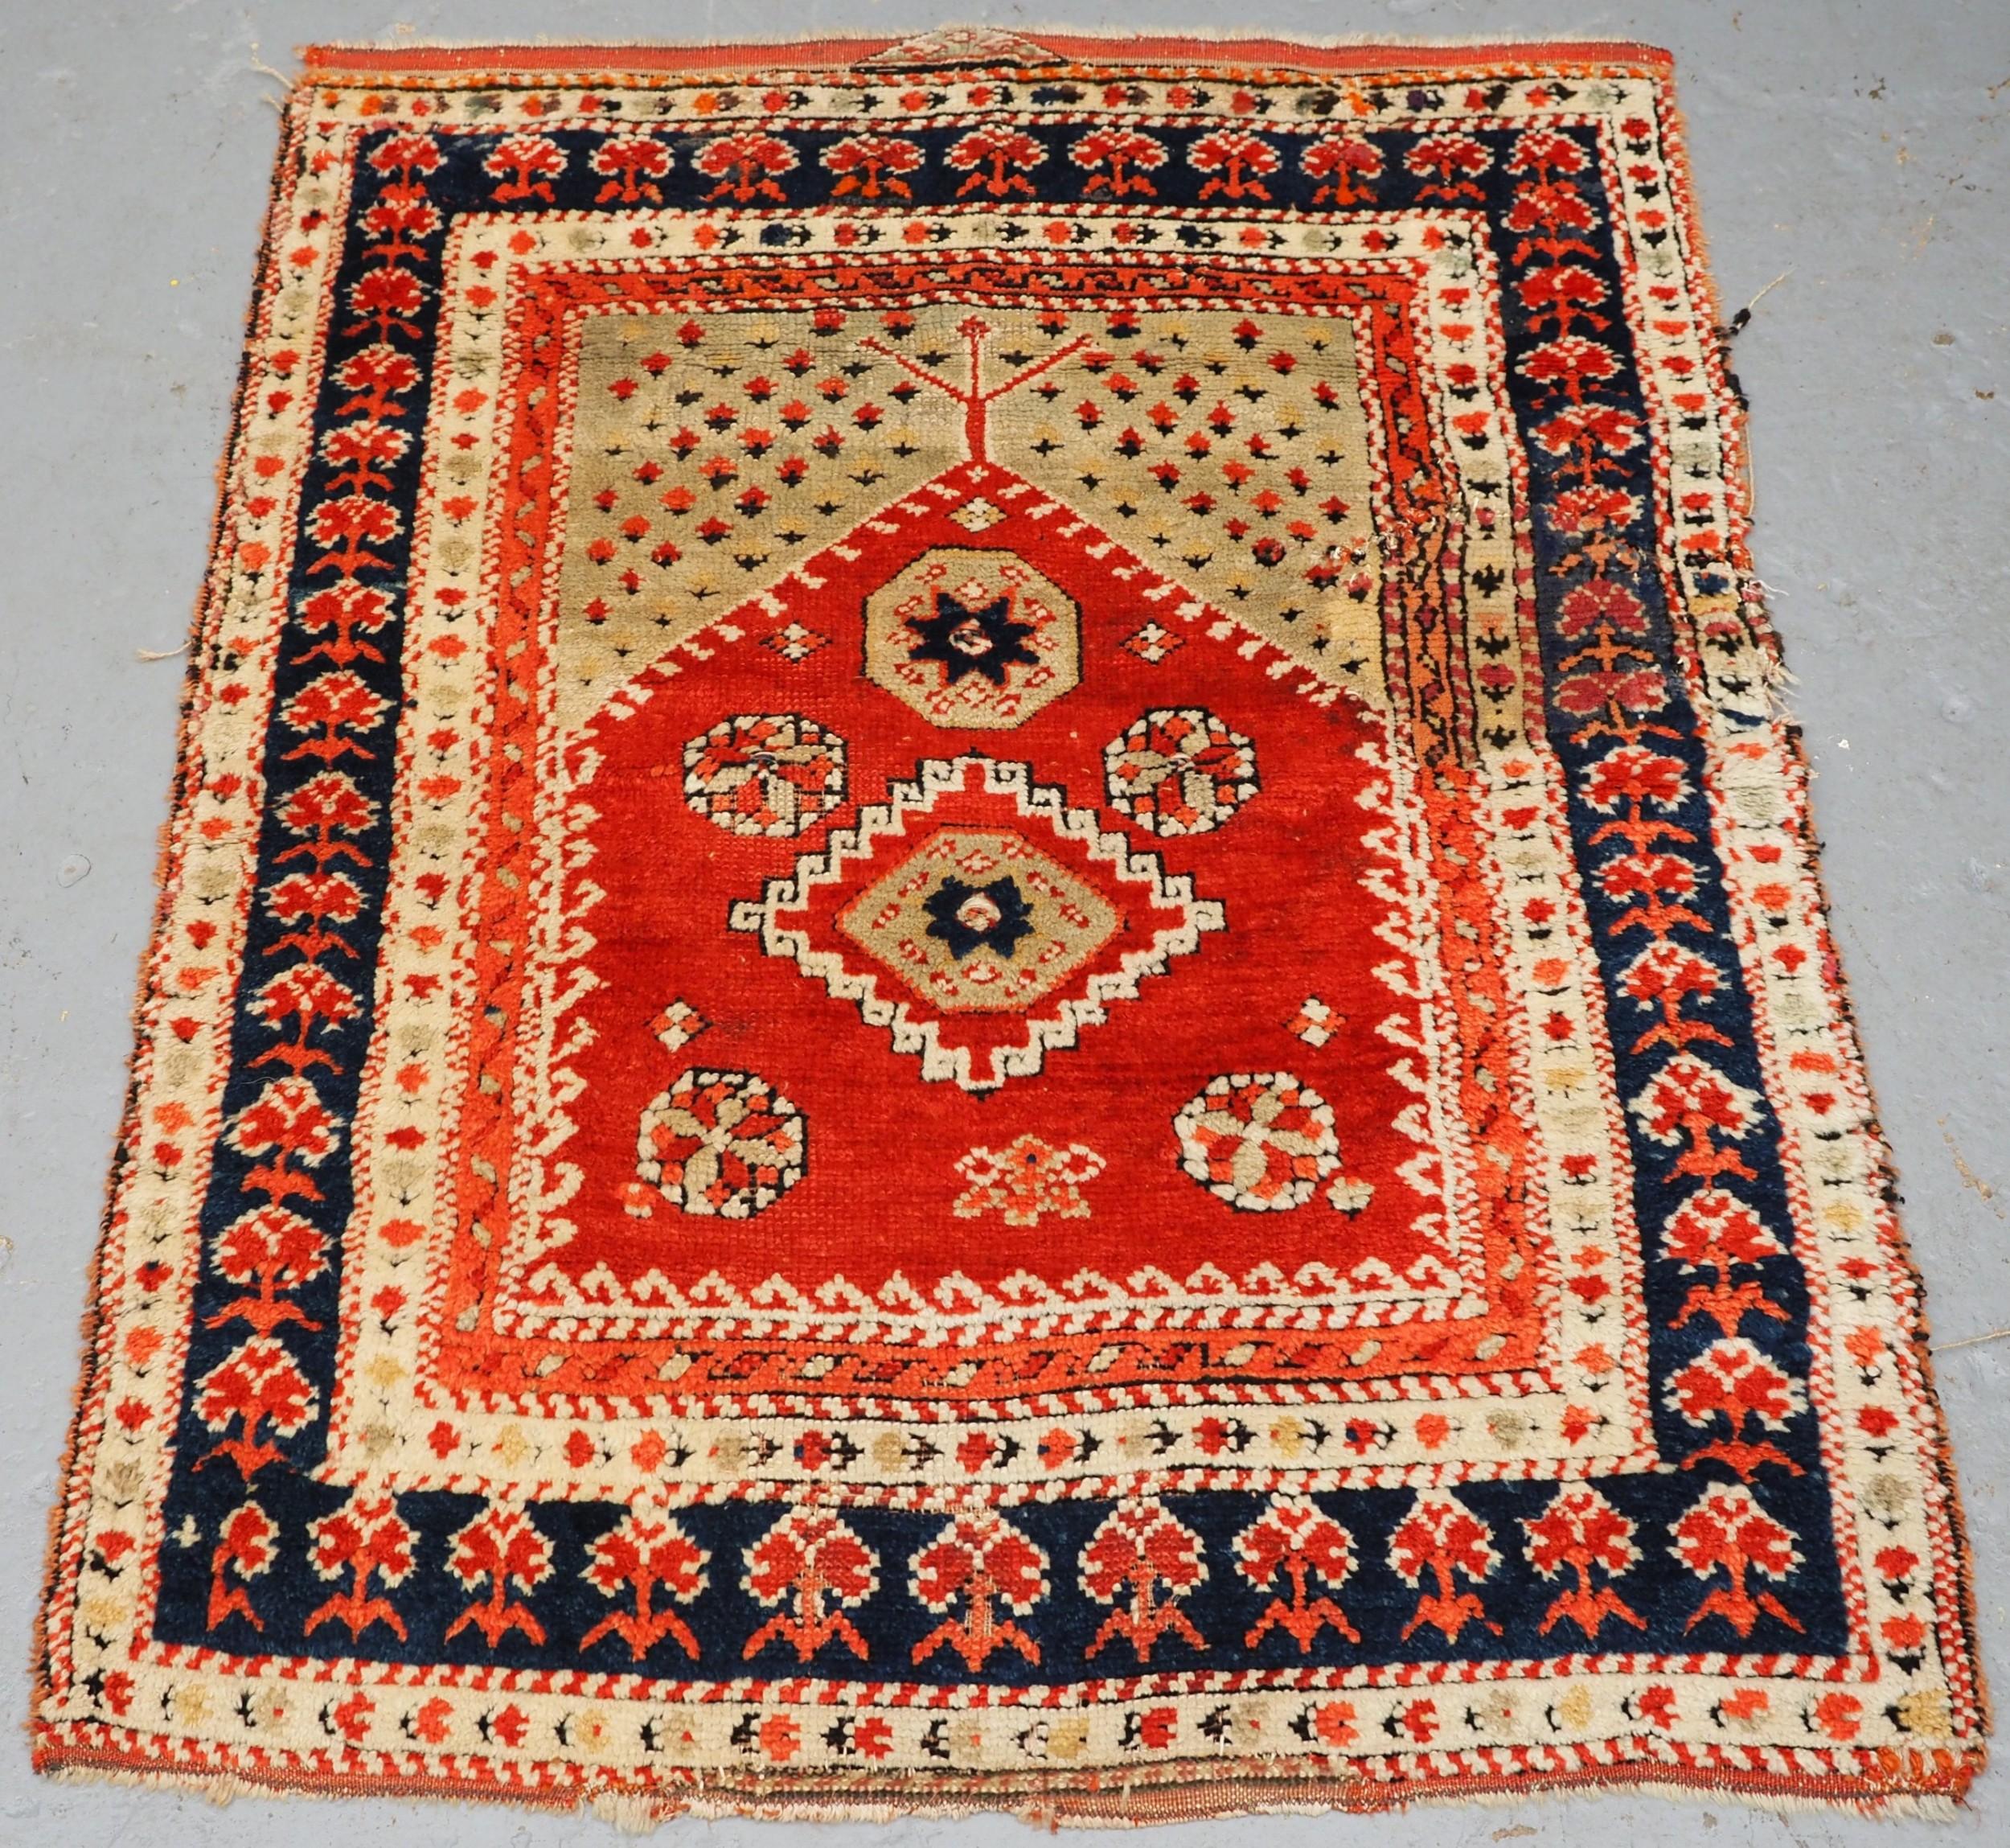 antique turkish bergama region village prayer rug circa 1880